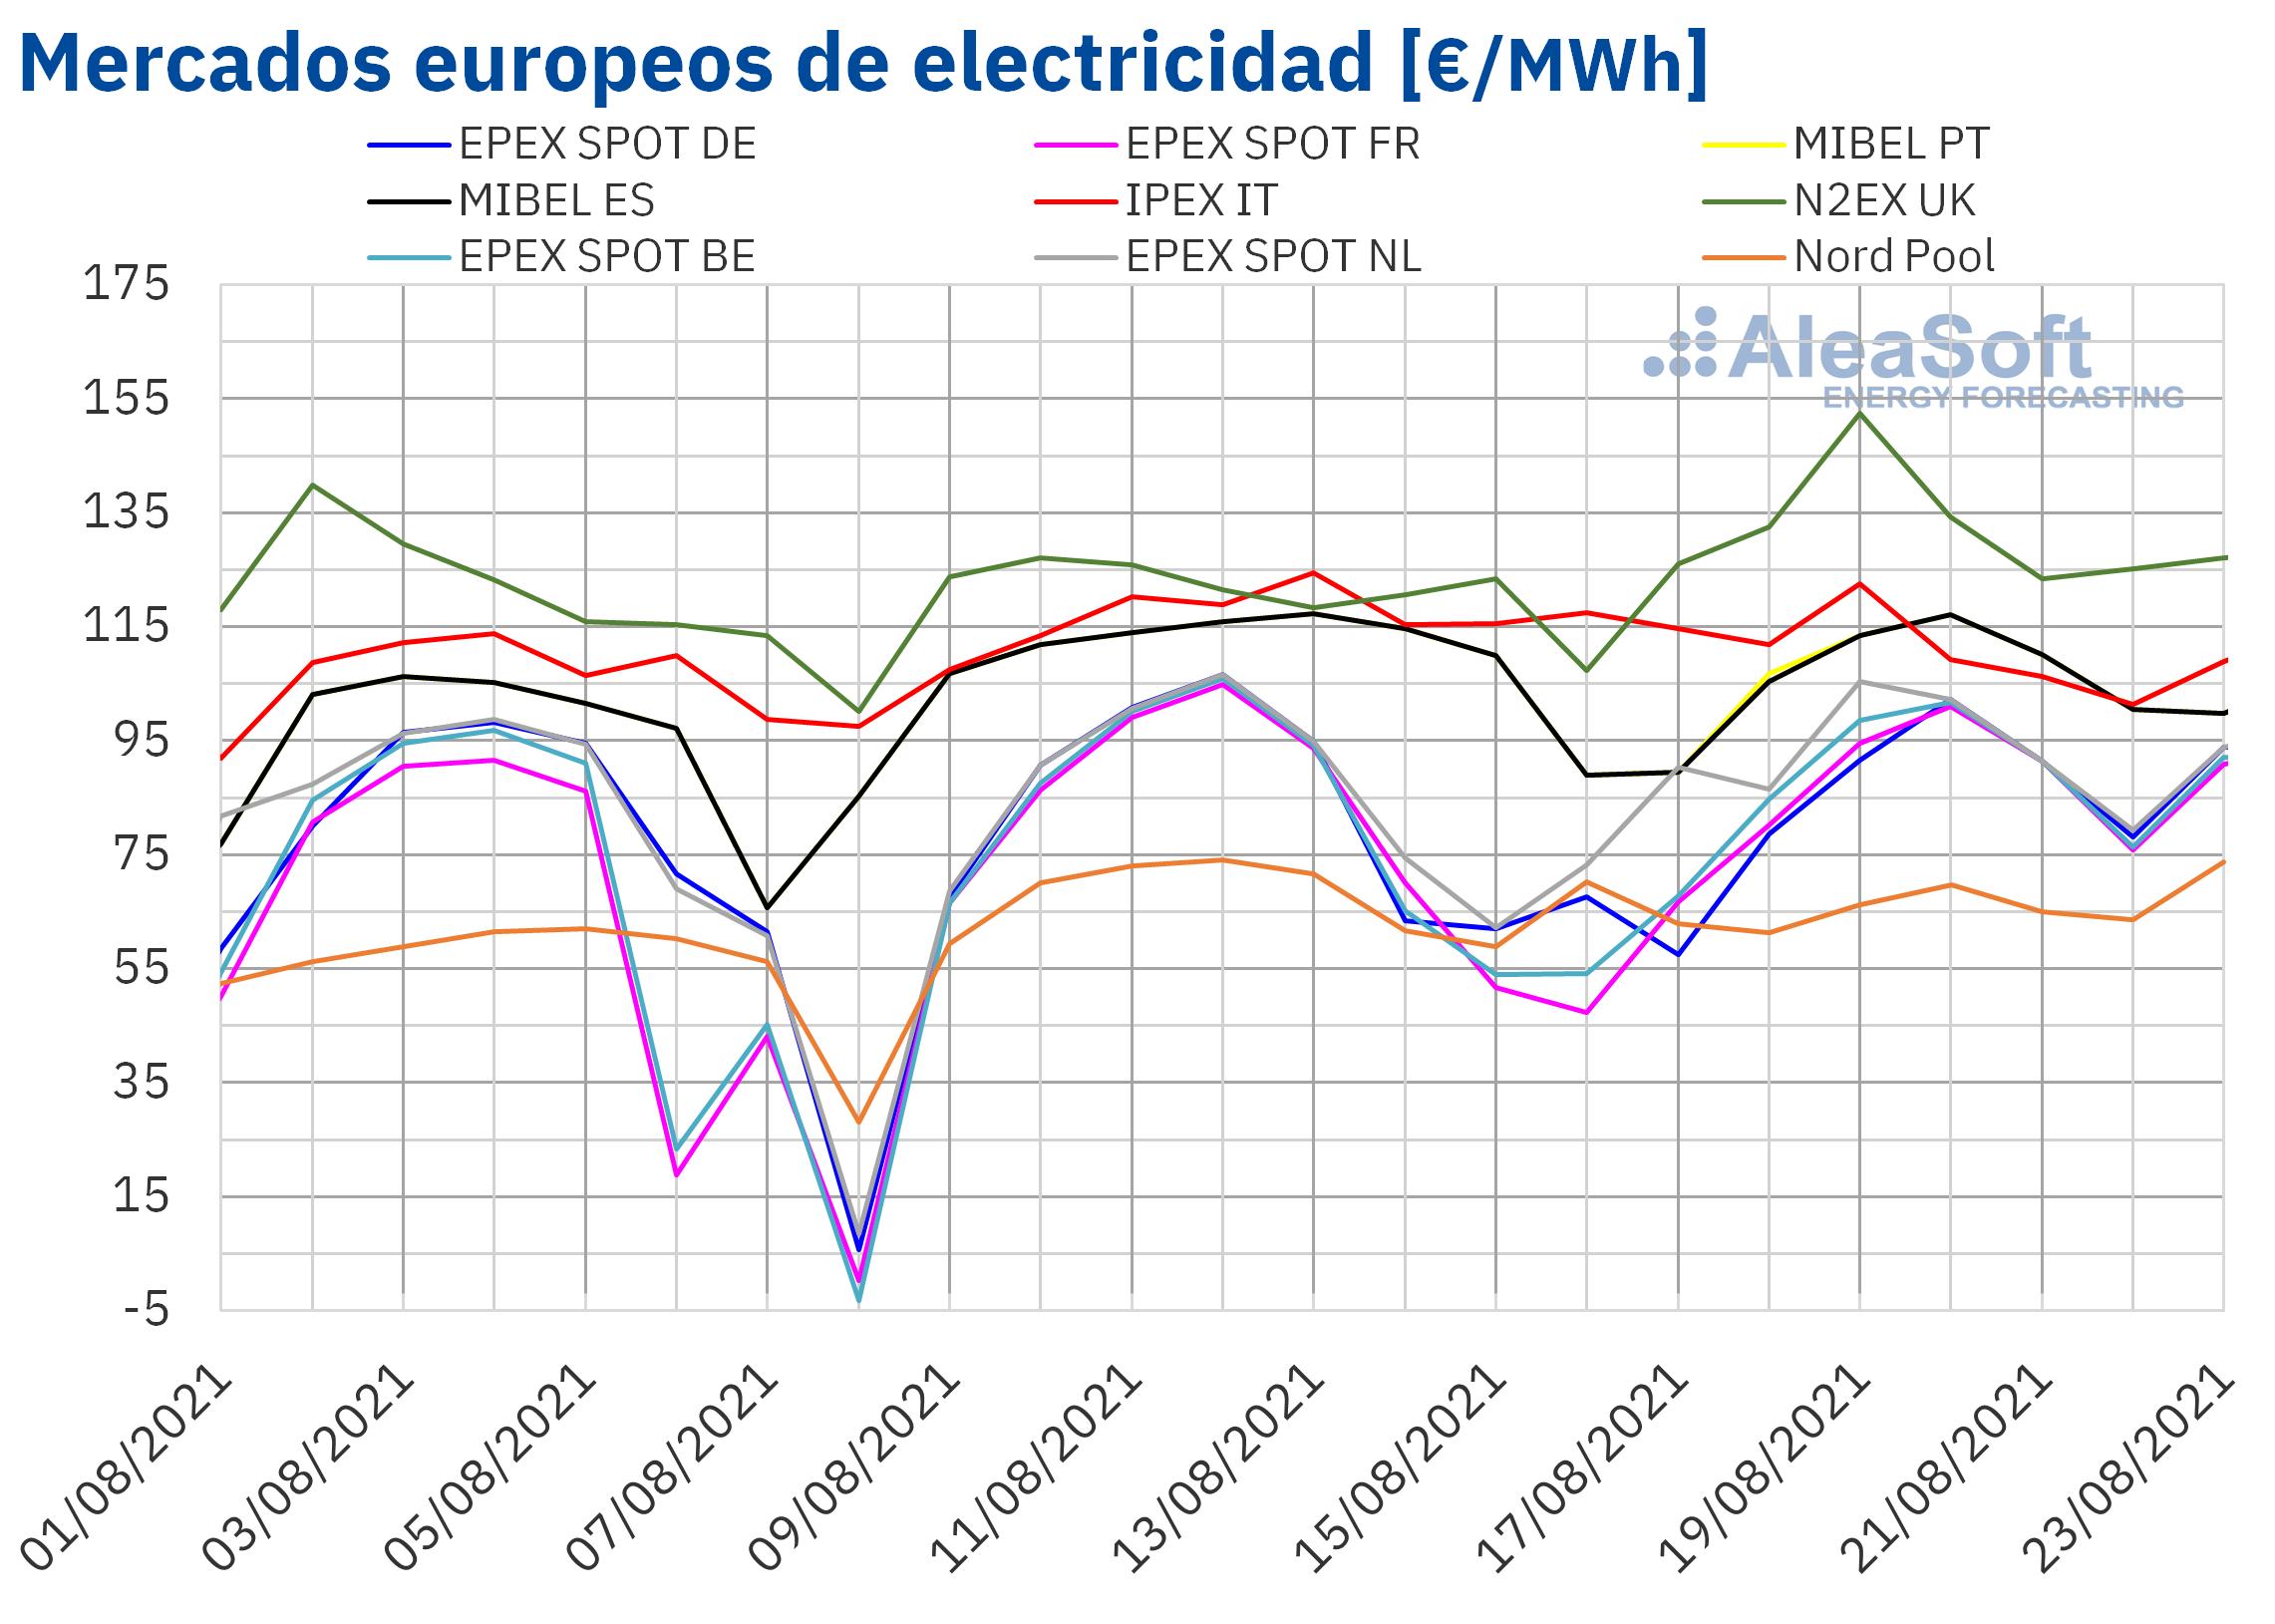 AleaSoft: la eólica y la caída de los precios del gas y CO2 dieron un respiro a los mercados europeos